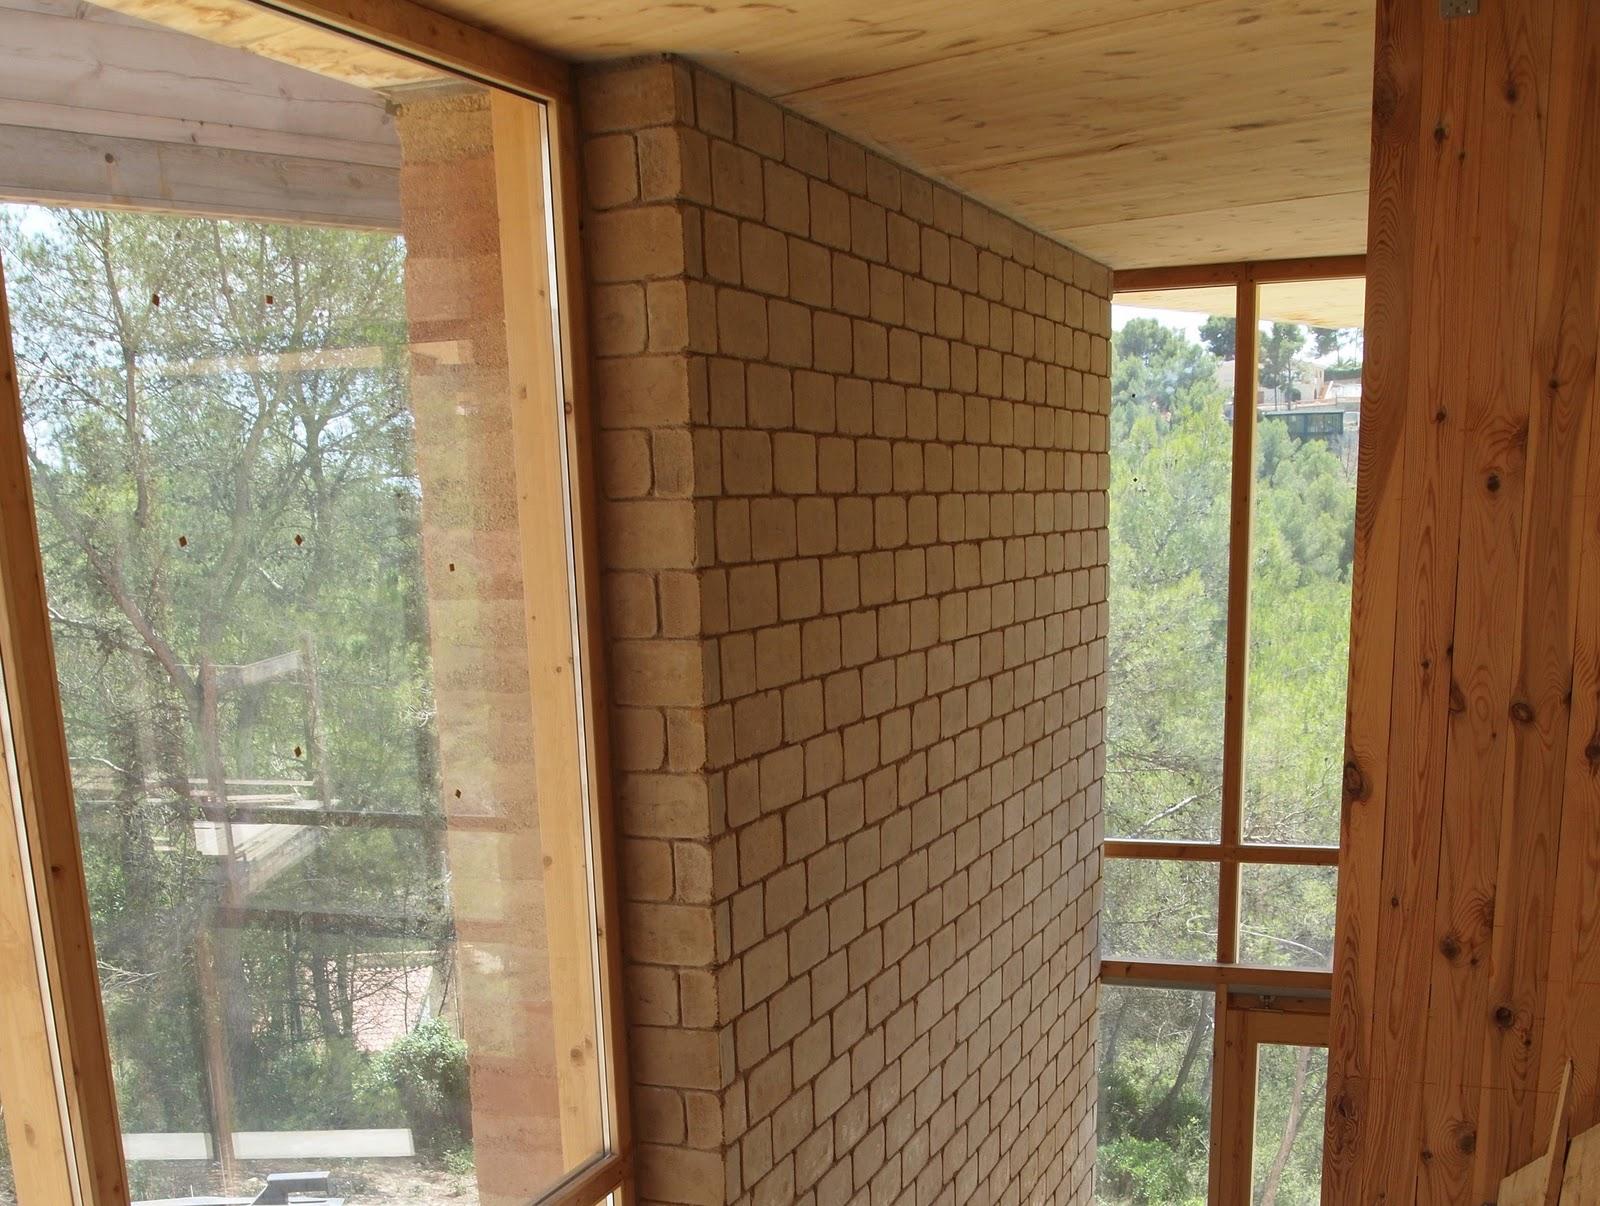 Junio 2011 muros interiores ladrillo adobe diario de una casa - Muros decorativos para interiores ...